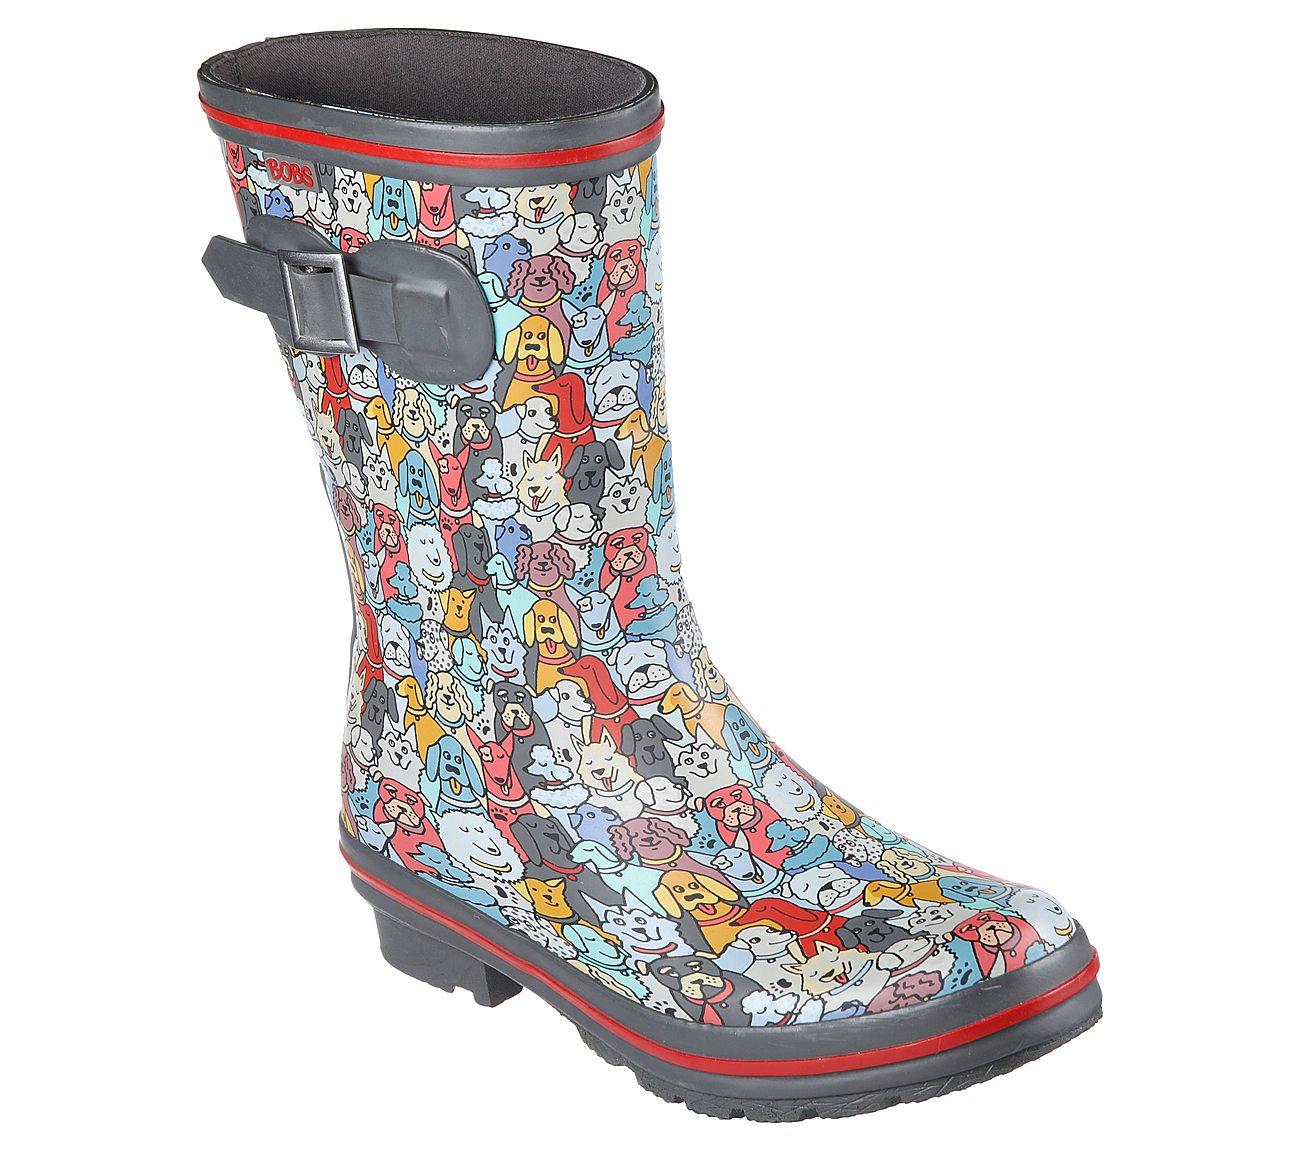 Rain Check - April Showers BOBS Shoes